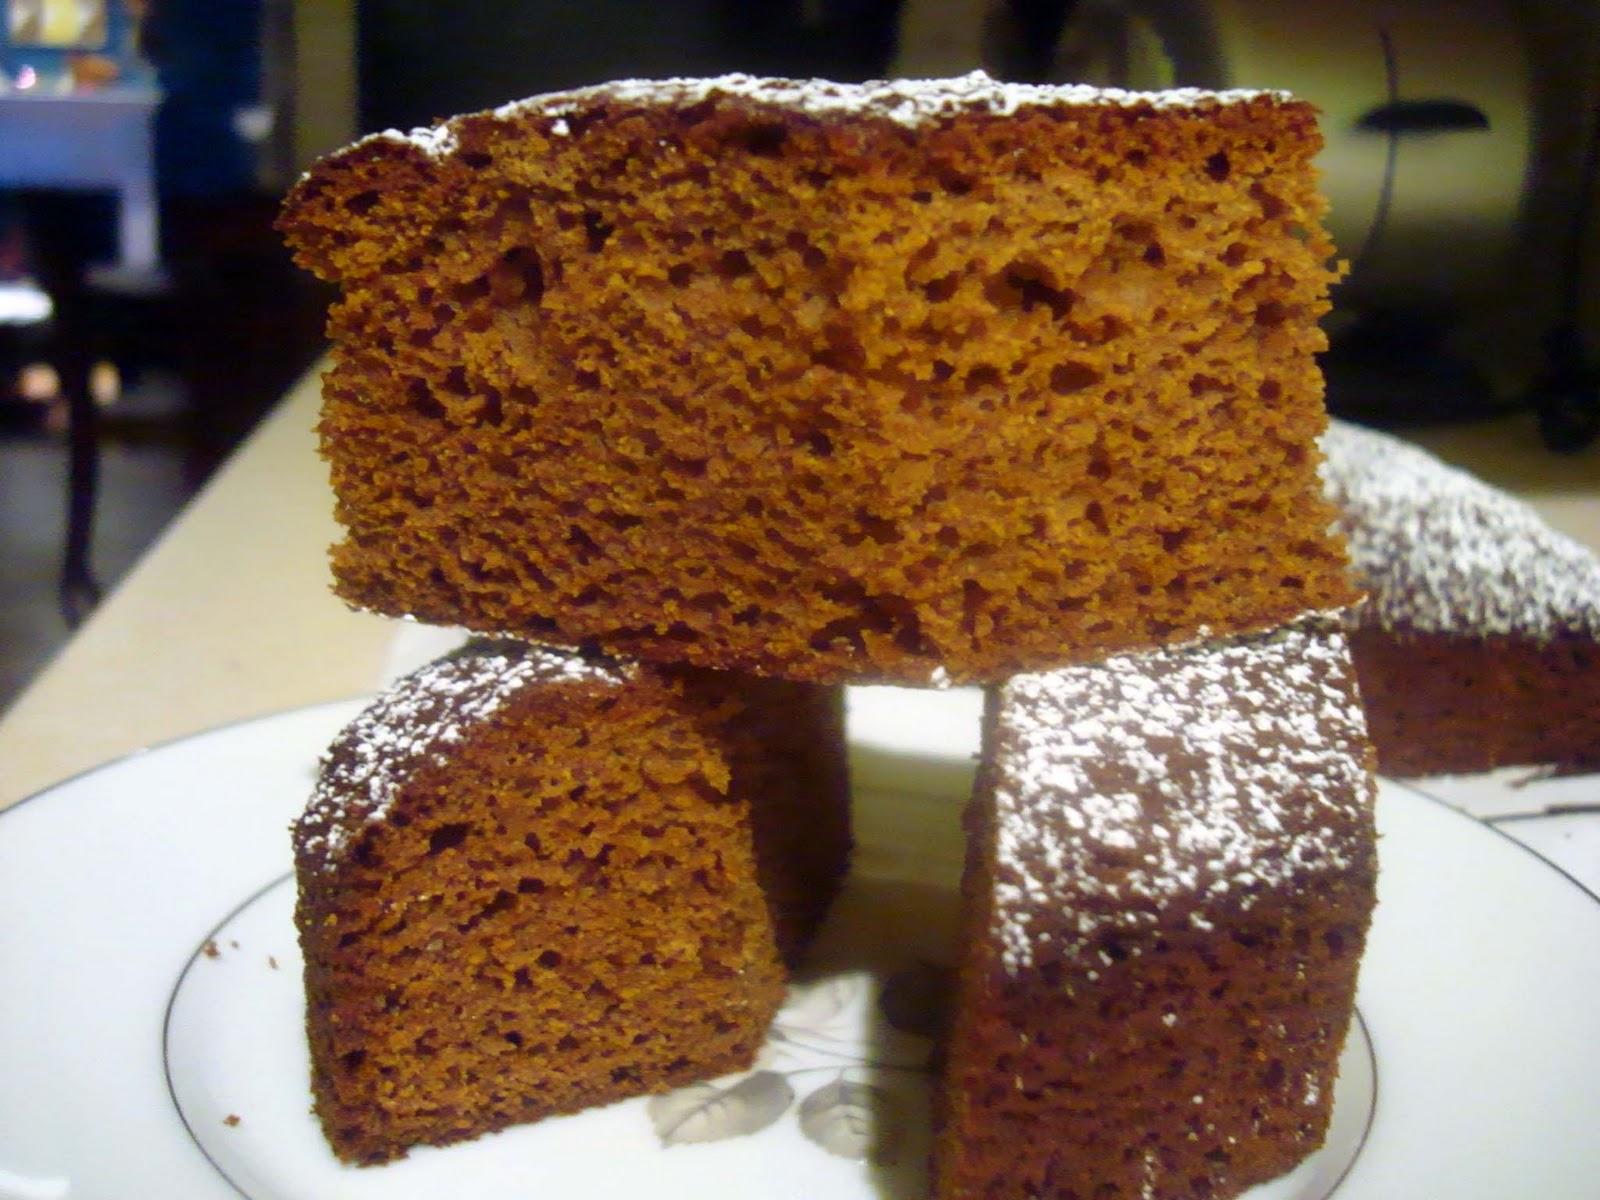 Крем для торта 42 рецепта с фото пошагово. Как